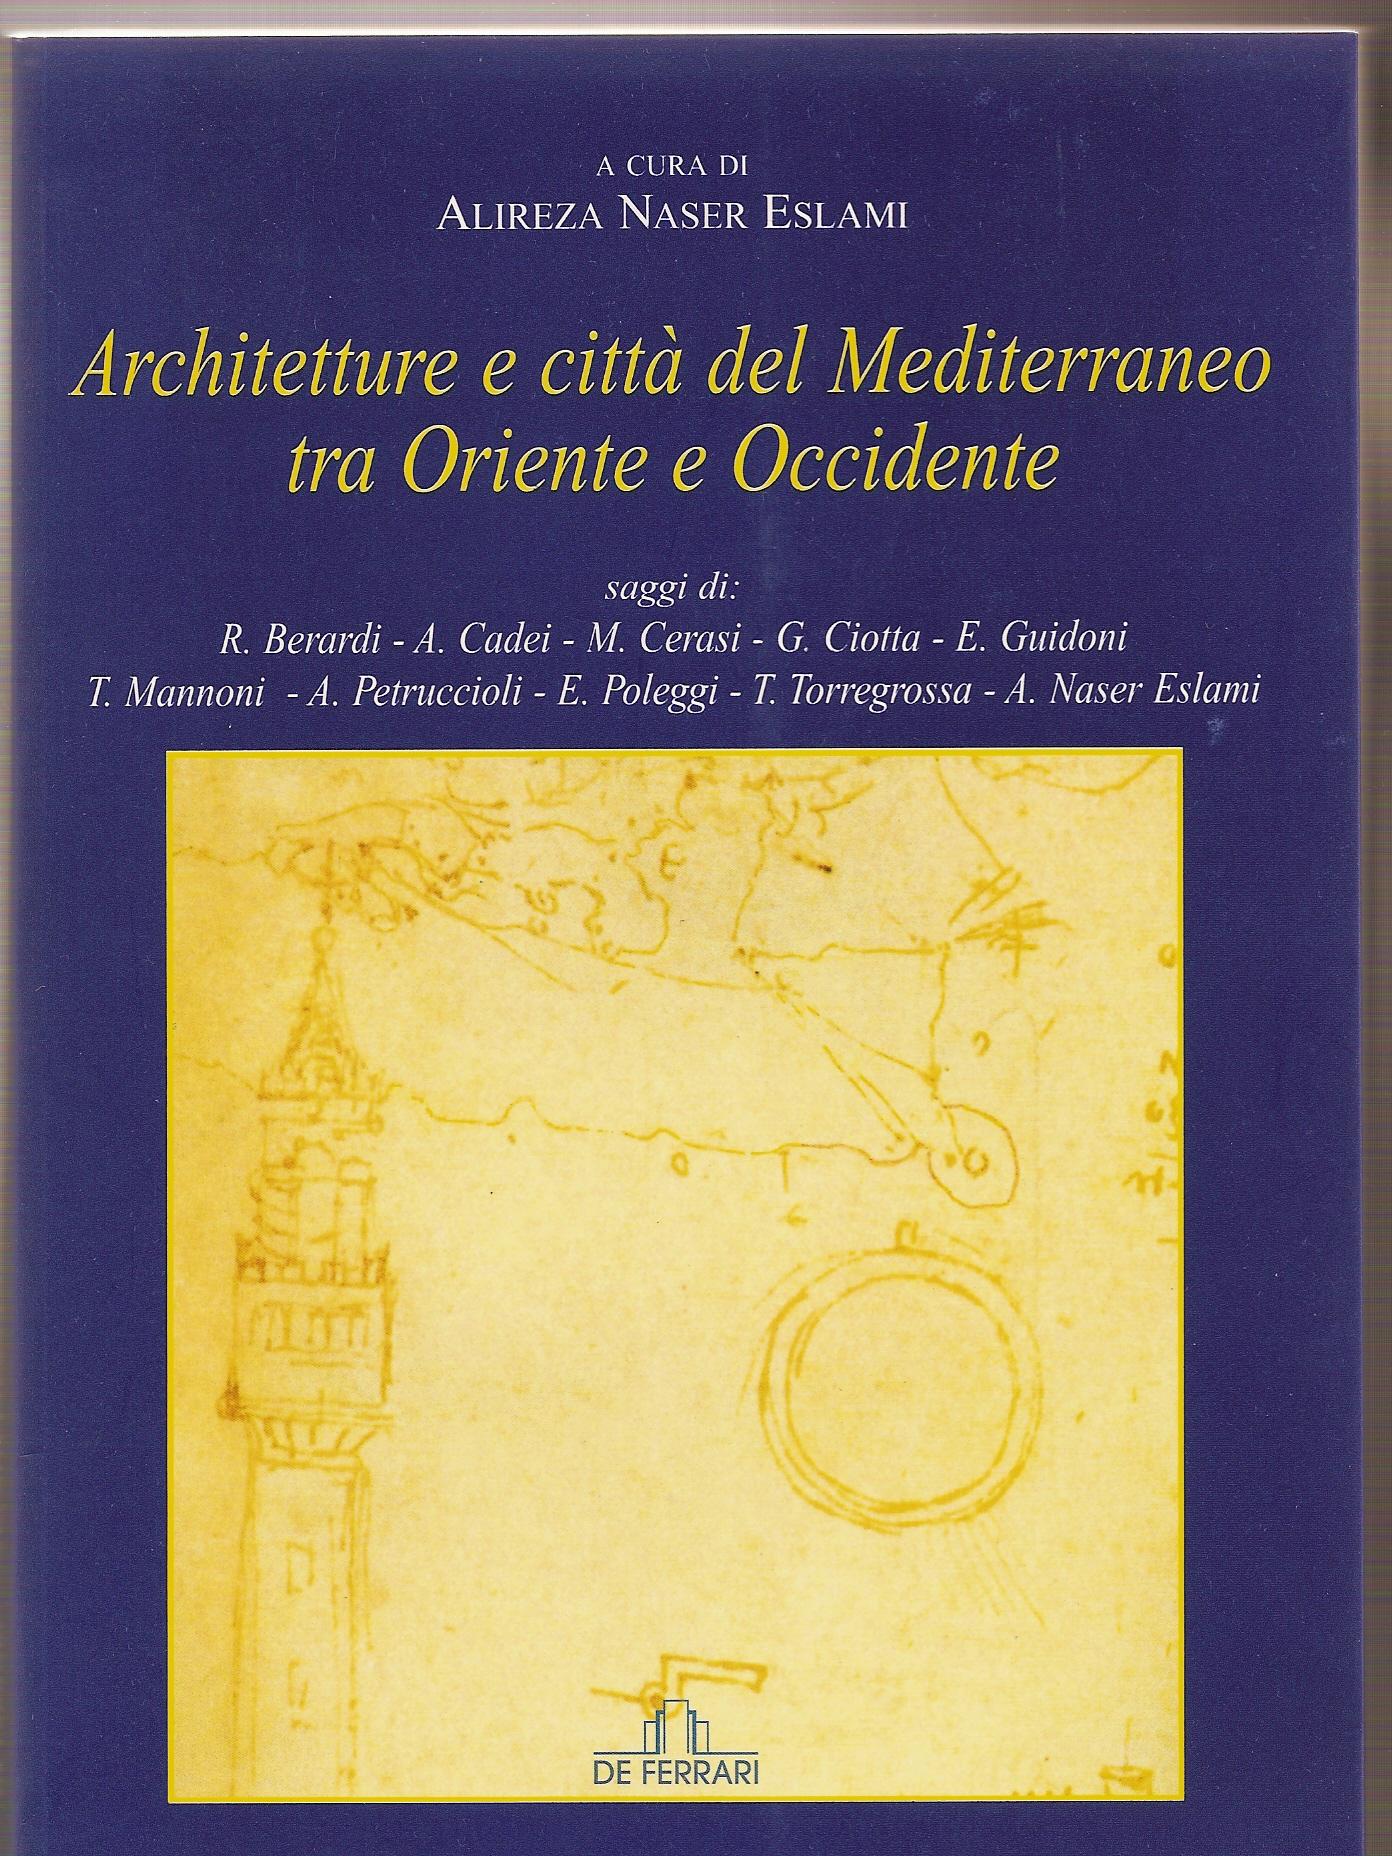 Architetture e città del Mediterraneo tra Oriente e Occidente